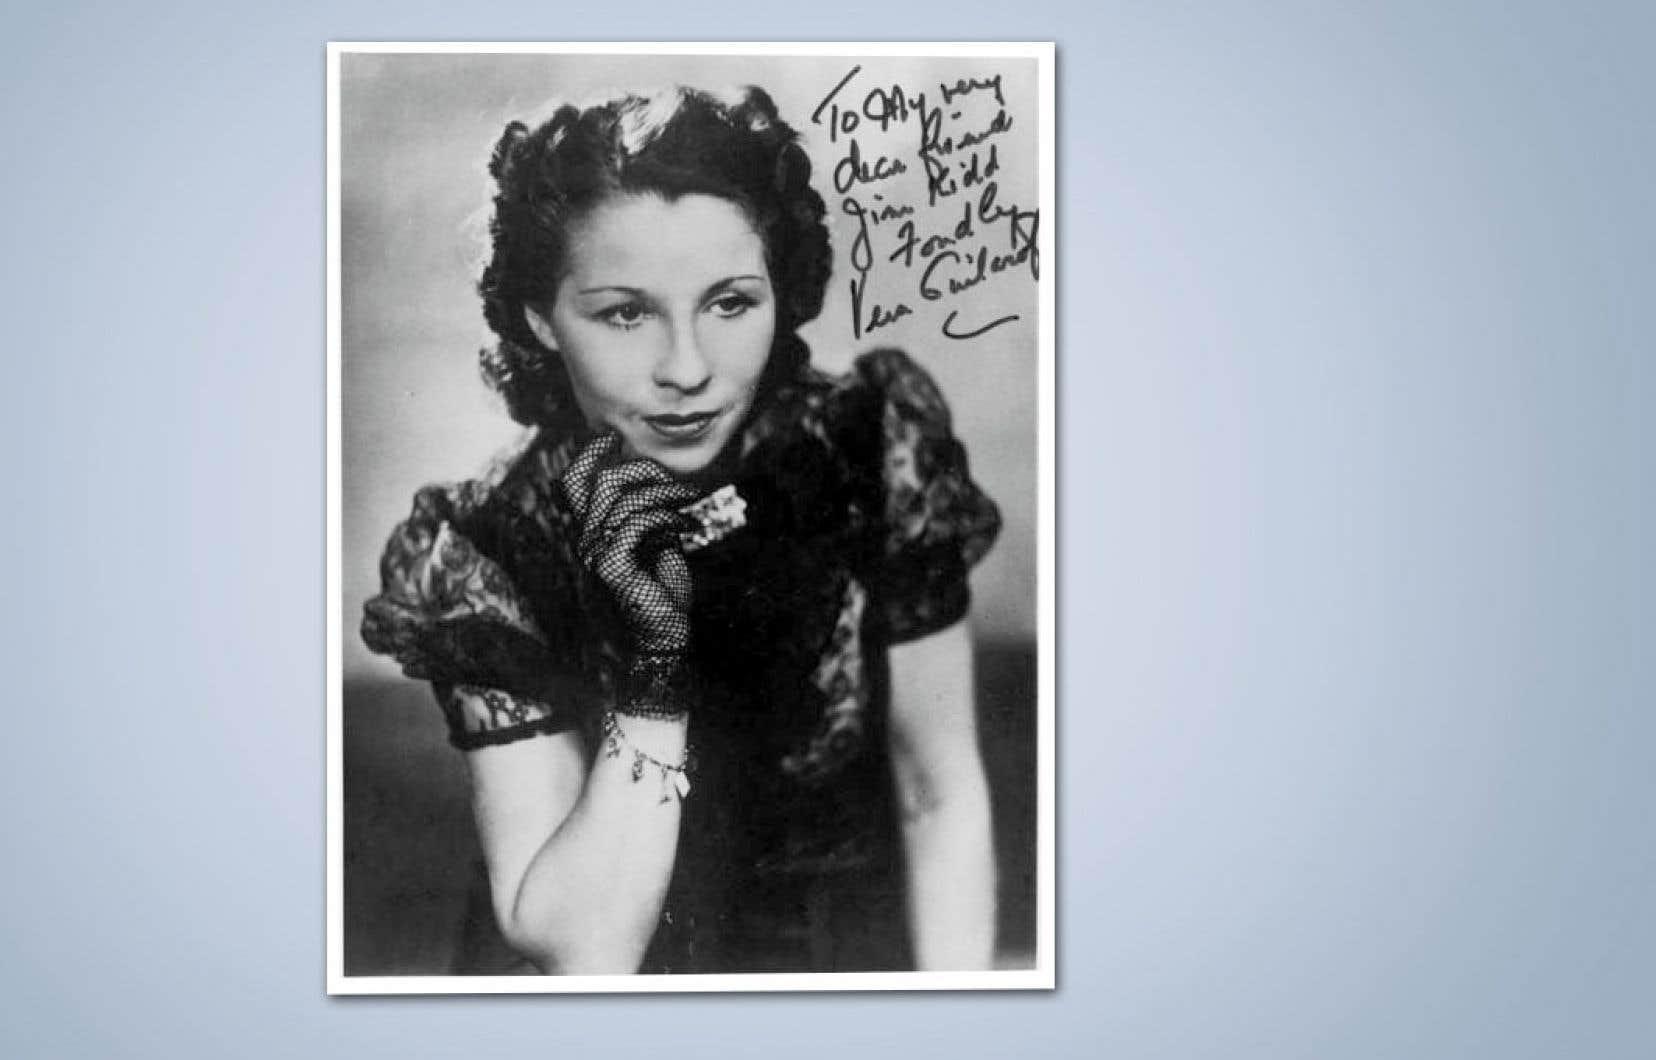 Vera Guilaroff, pianiste et compositrice montréalaise, première Québécoise à enregistrer du jazz, s'était fait dire de rentrer à Montréal pour s'occuper de sa famille, au beau milieu d'une tournée européenne.